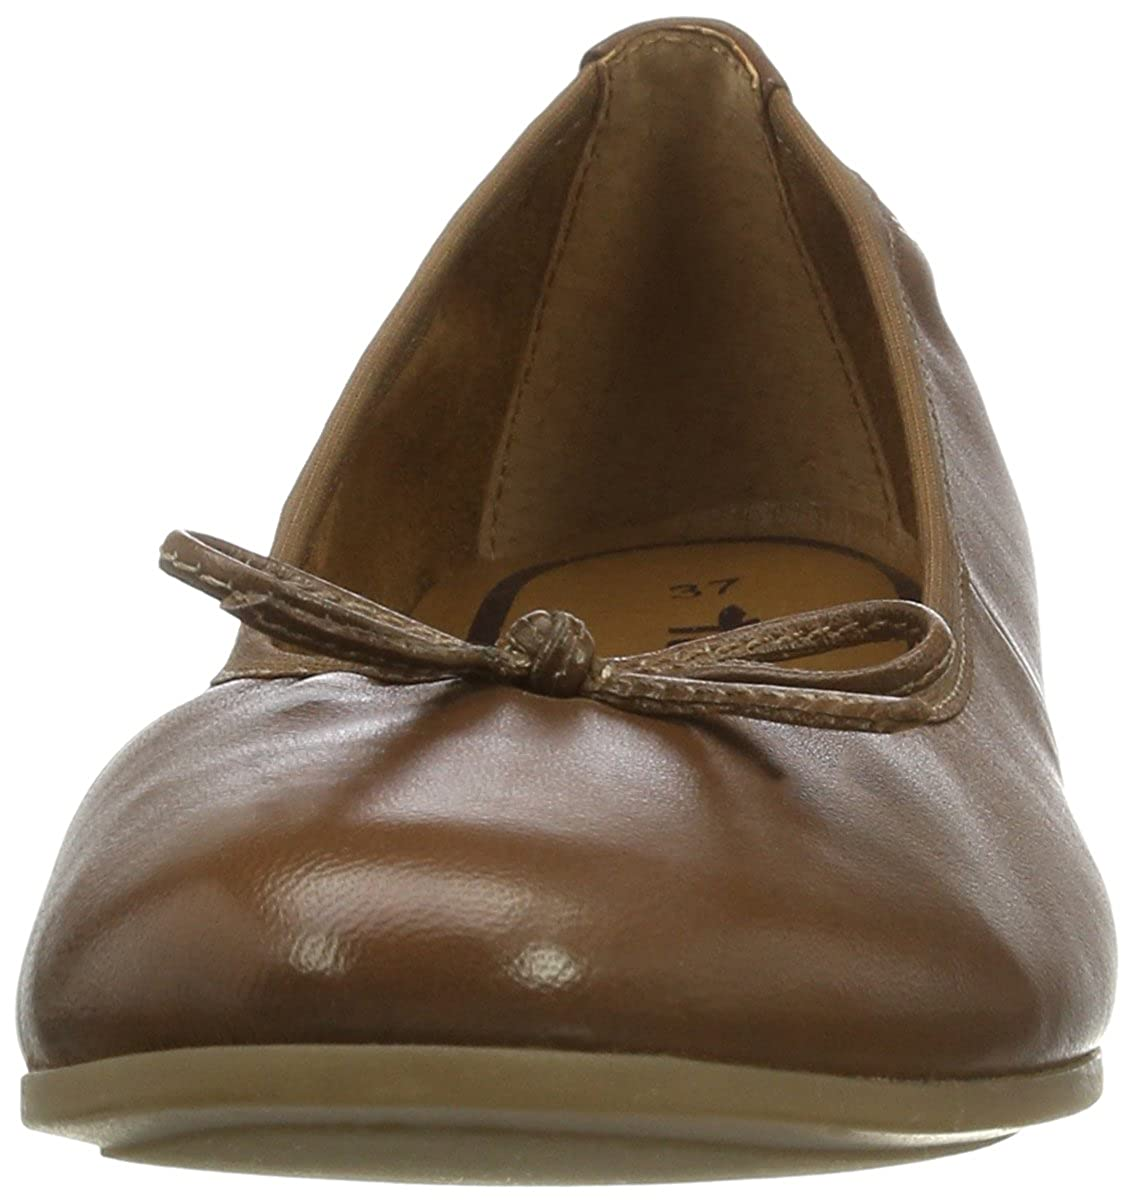 Tamaris Damen Ballerinas 22116 Geschlossene Ballerinas Damen Braun (Cognac 305) 9505bd